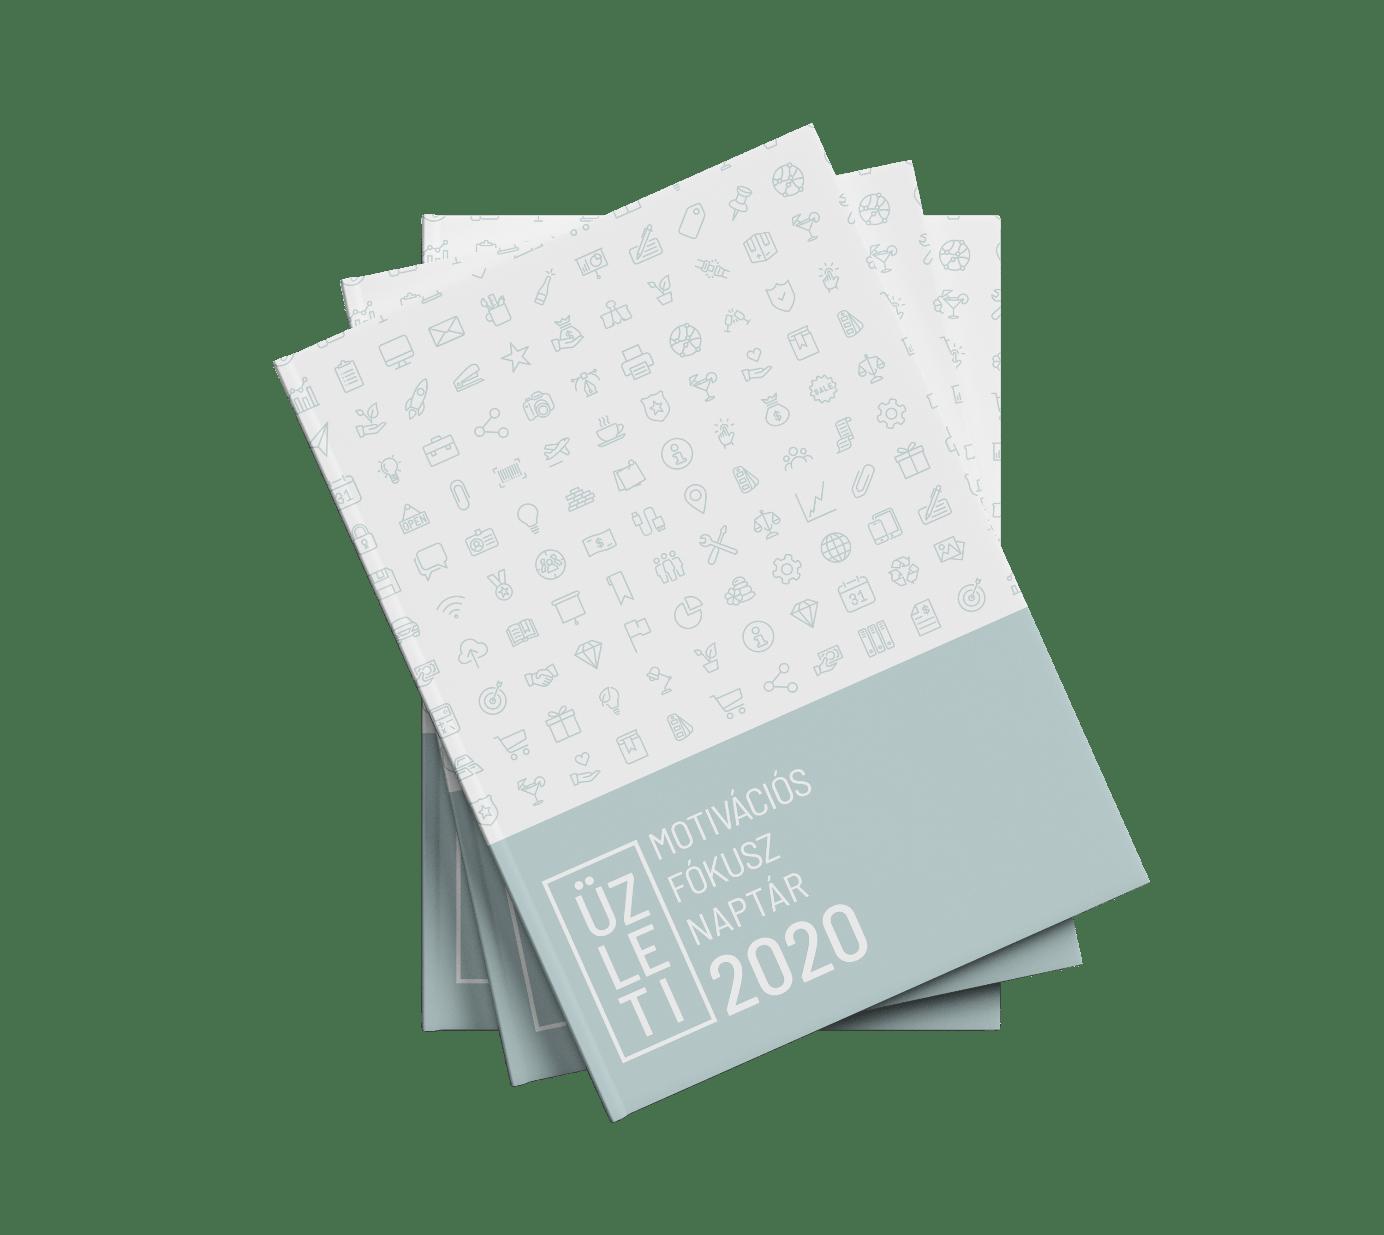 Üzleti Motivációs Fókusz Naptár 2020